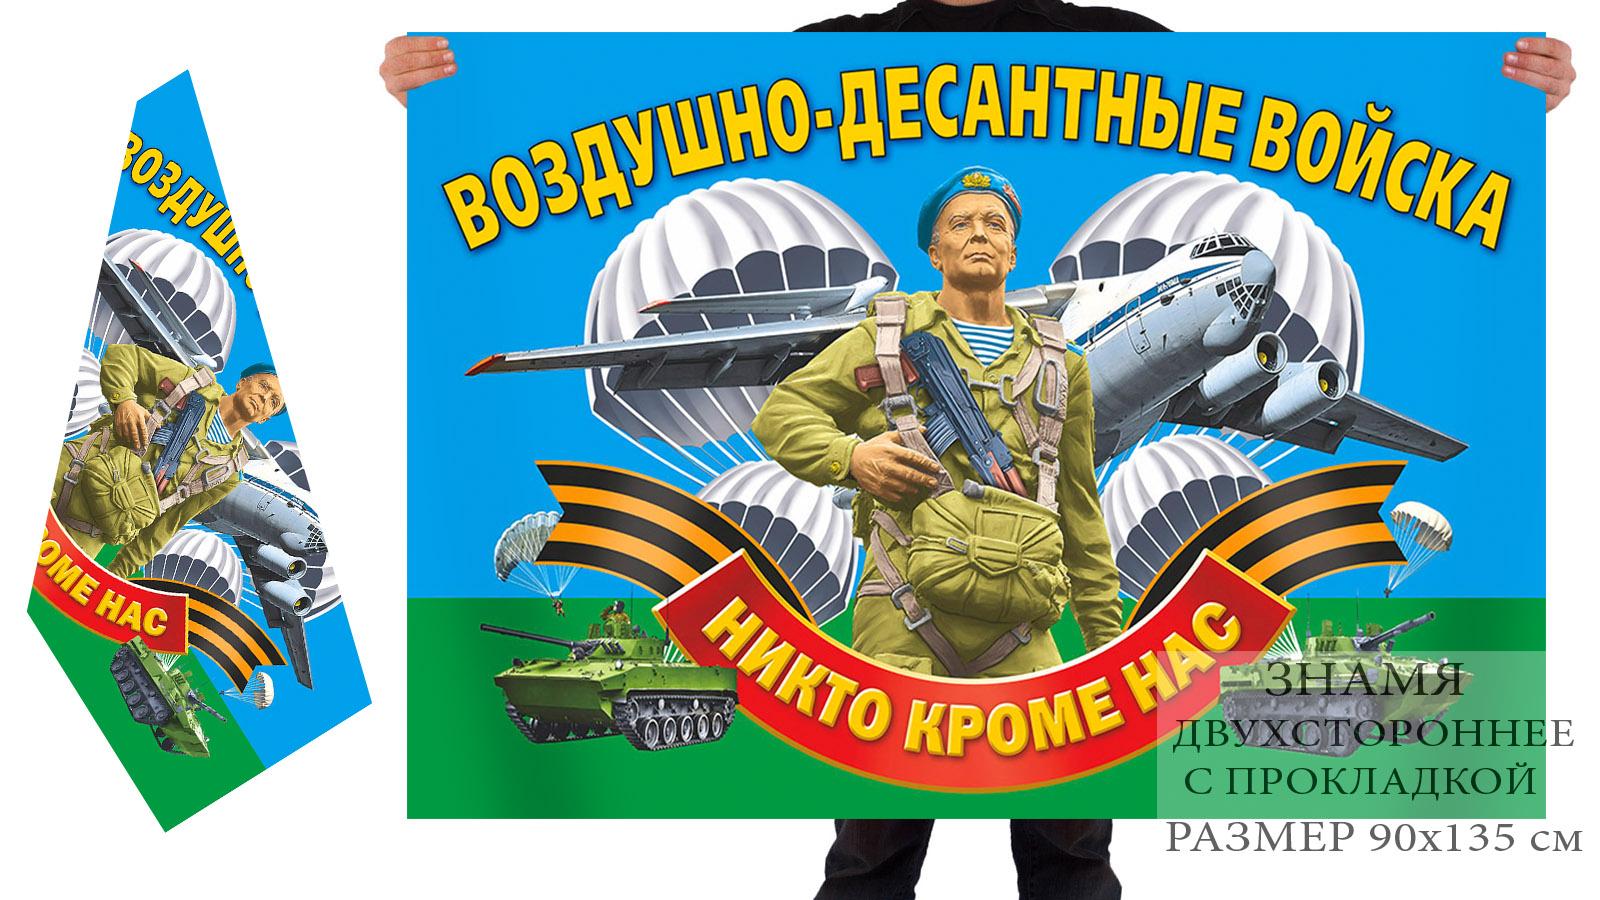 Купить в интернет магазине двухсторонний флаг ВДВ по цене производителя